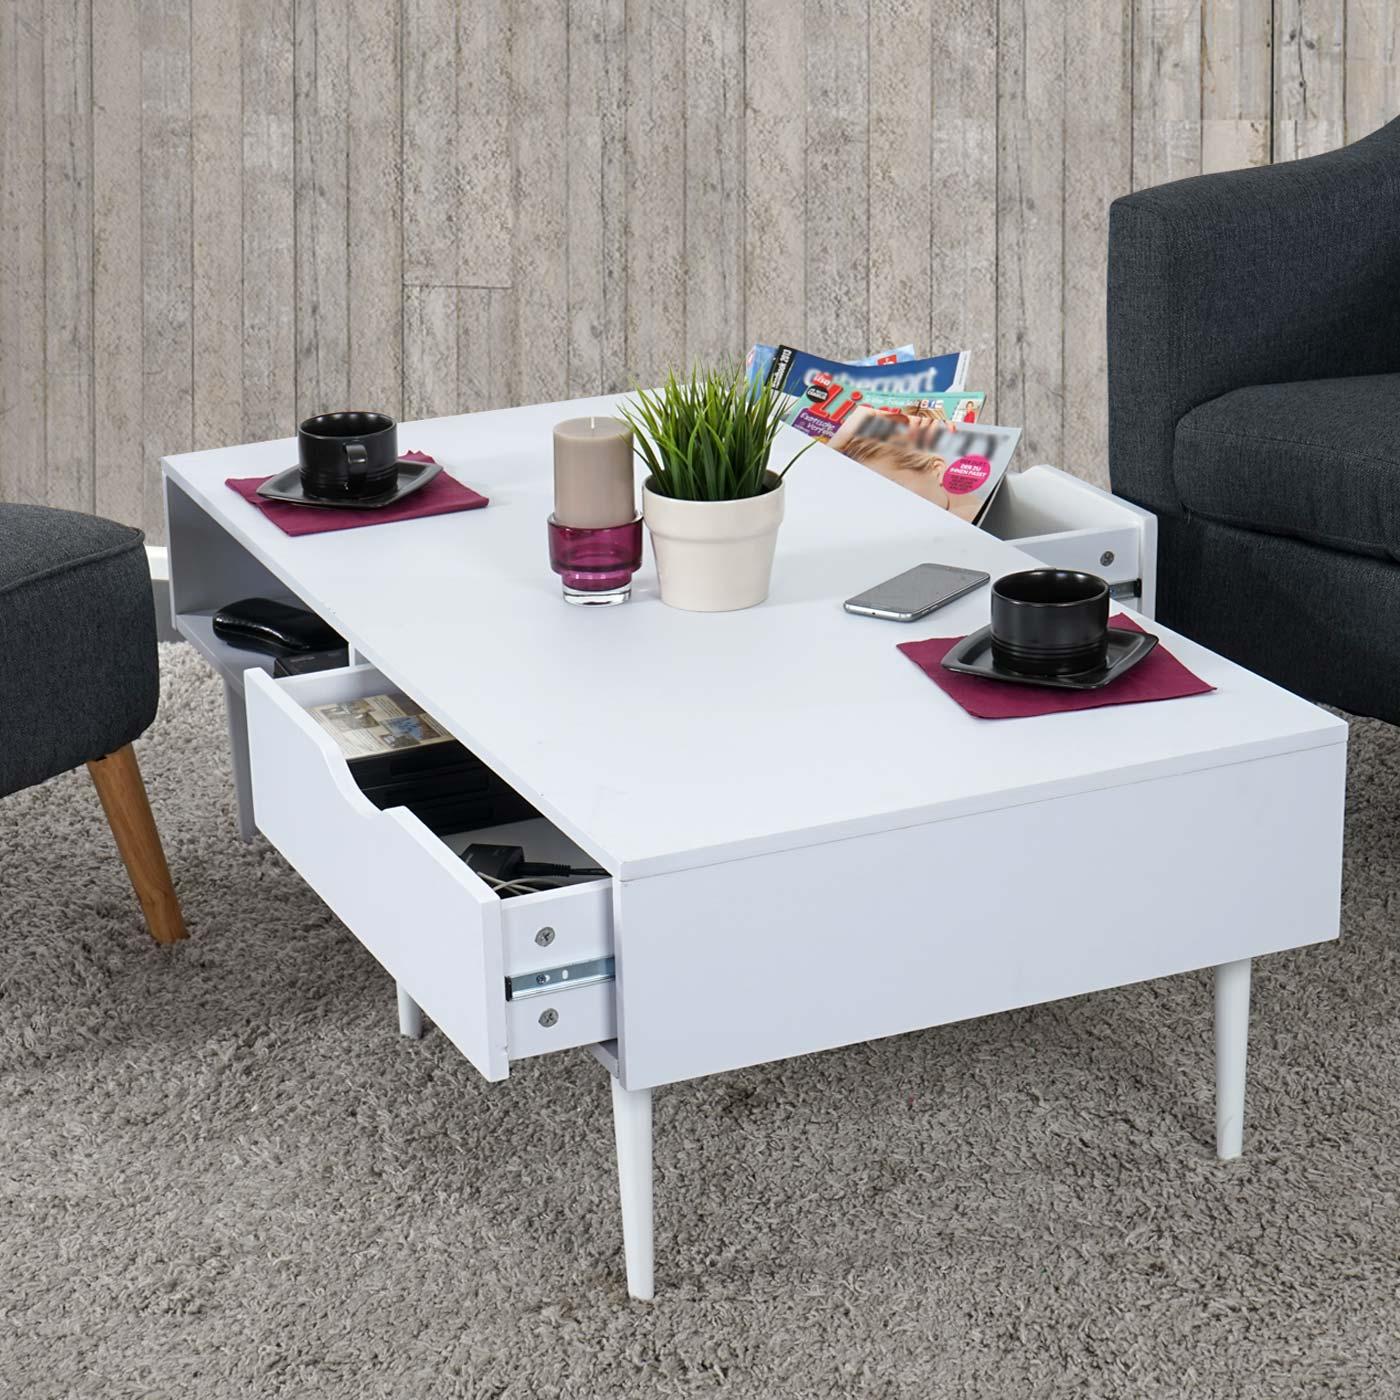 B-Ware (Holzschäden)| Couchtisch Malmö T341, Wohnzimmertisch Lowboard,  Retro-Design 41x120x60cm weiß